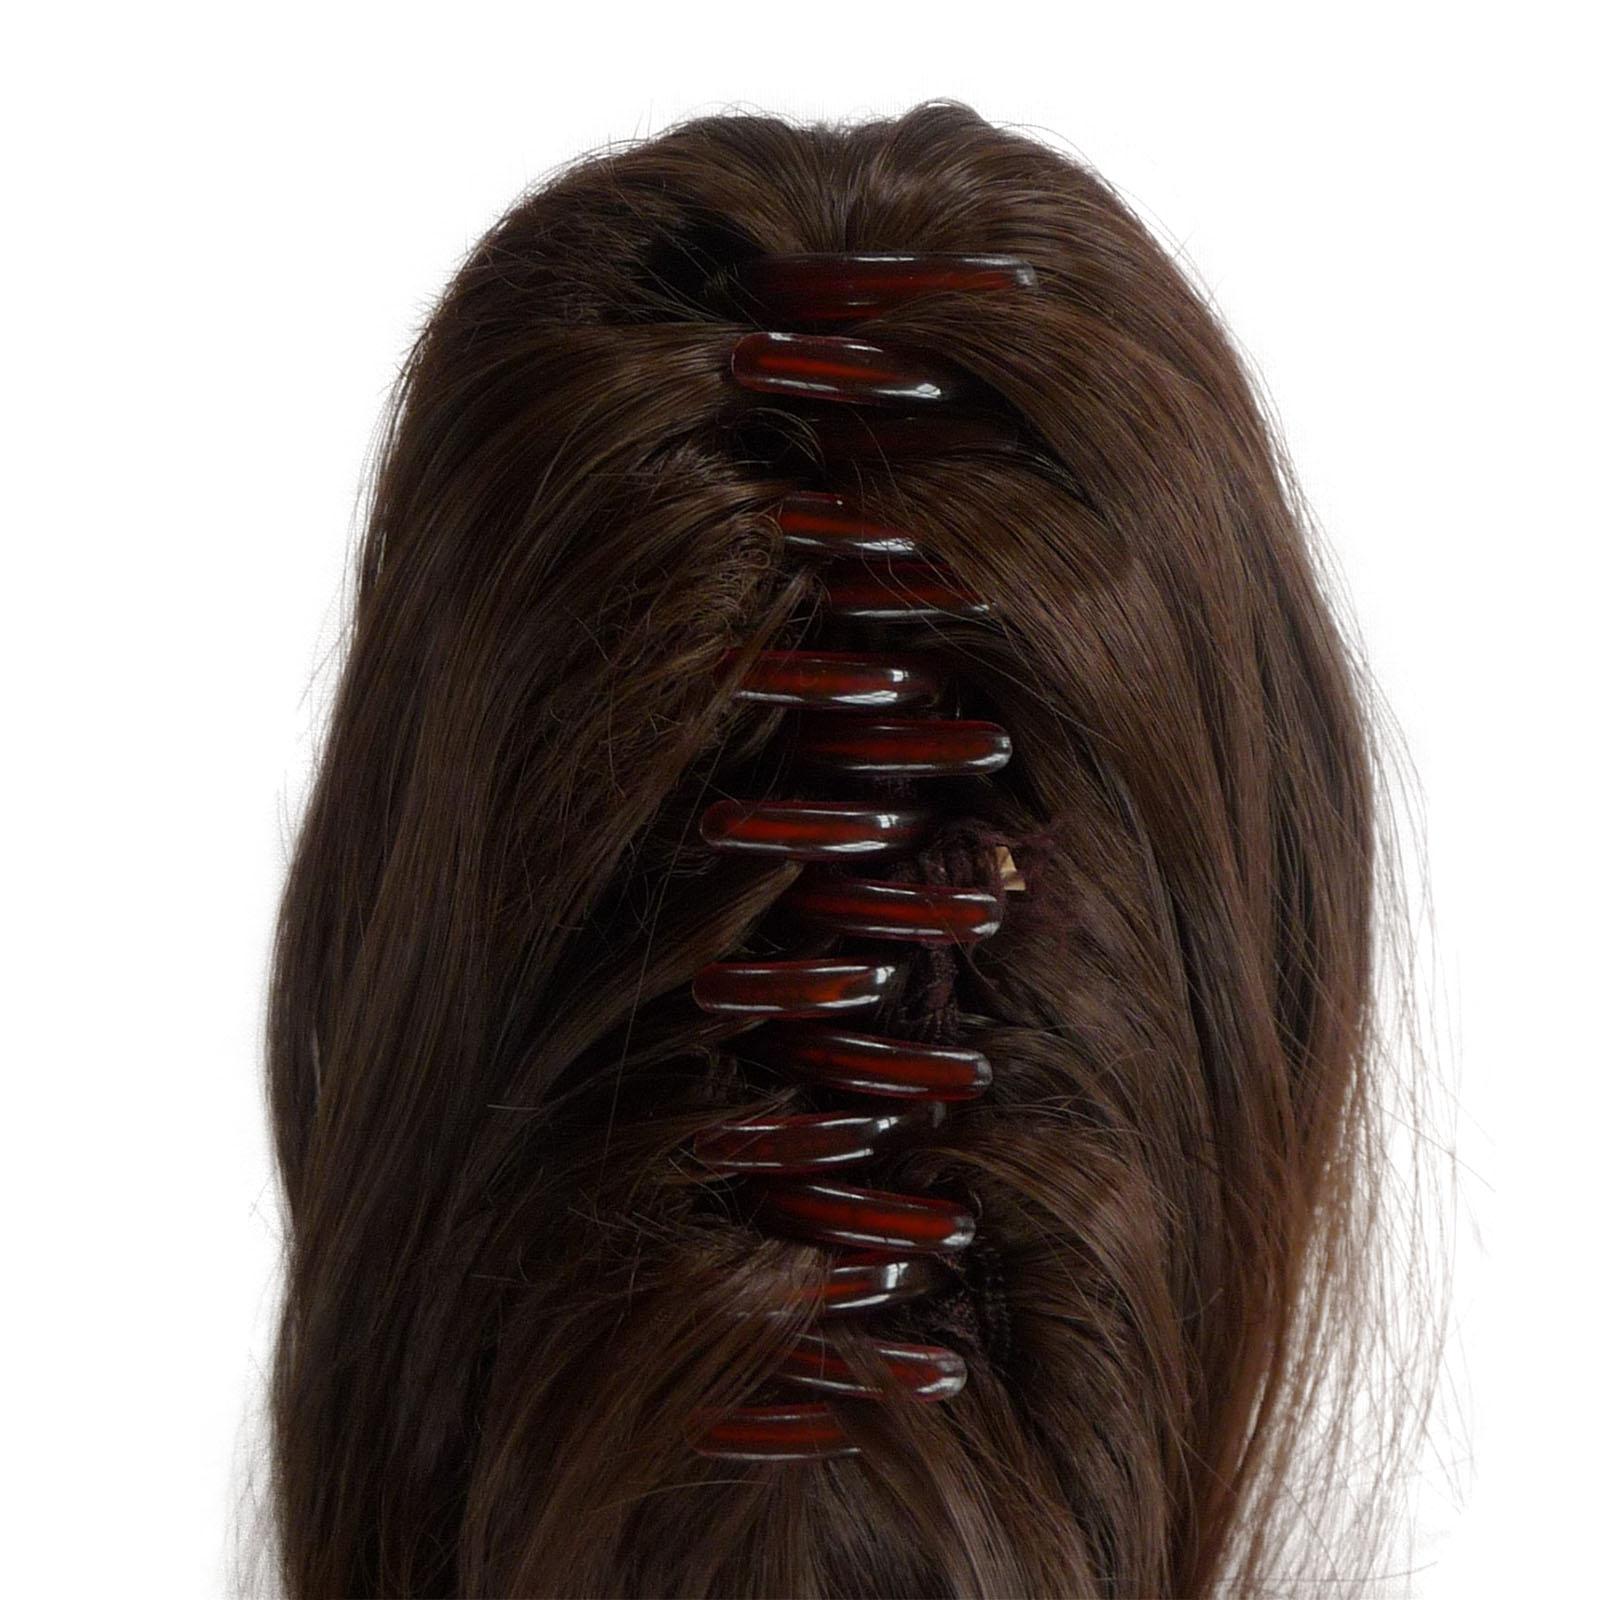 QUEUE-DE-CHEVAL-Pince-En-Extensions-De-Cheveux-Blonde-Les-Plus-Legeres-60